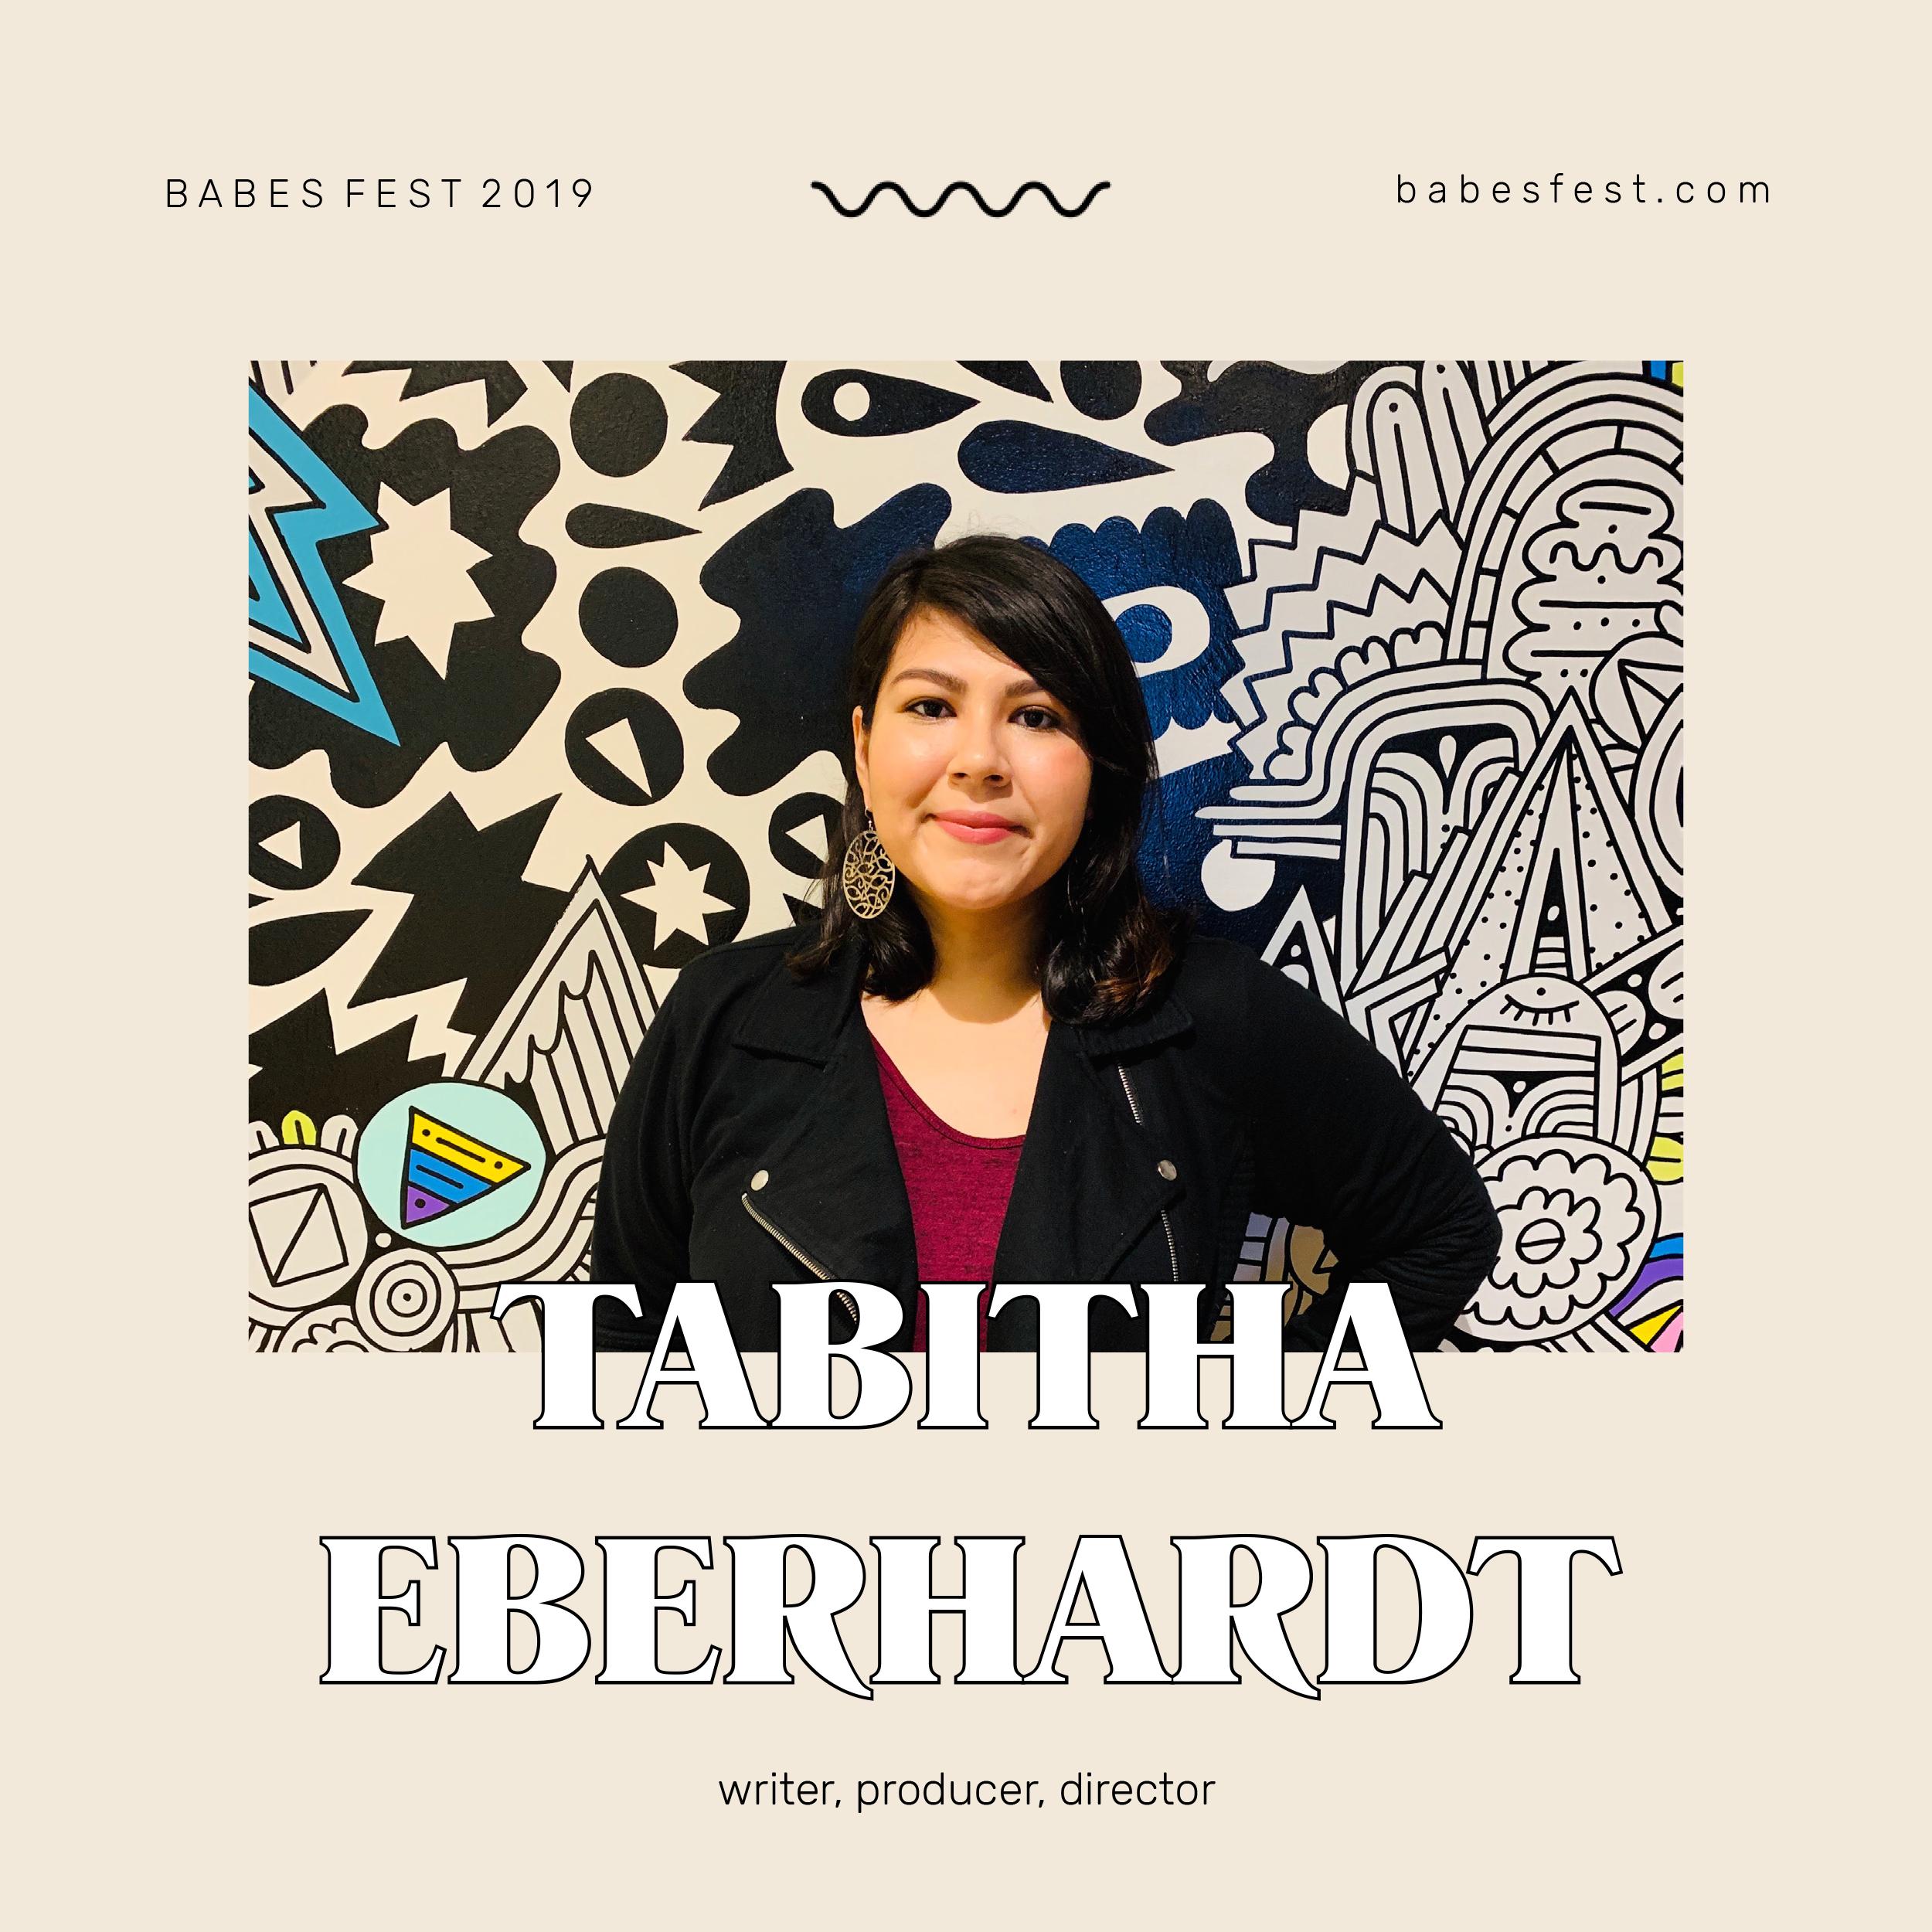 EBERHARDT_BF2019.png